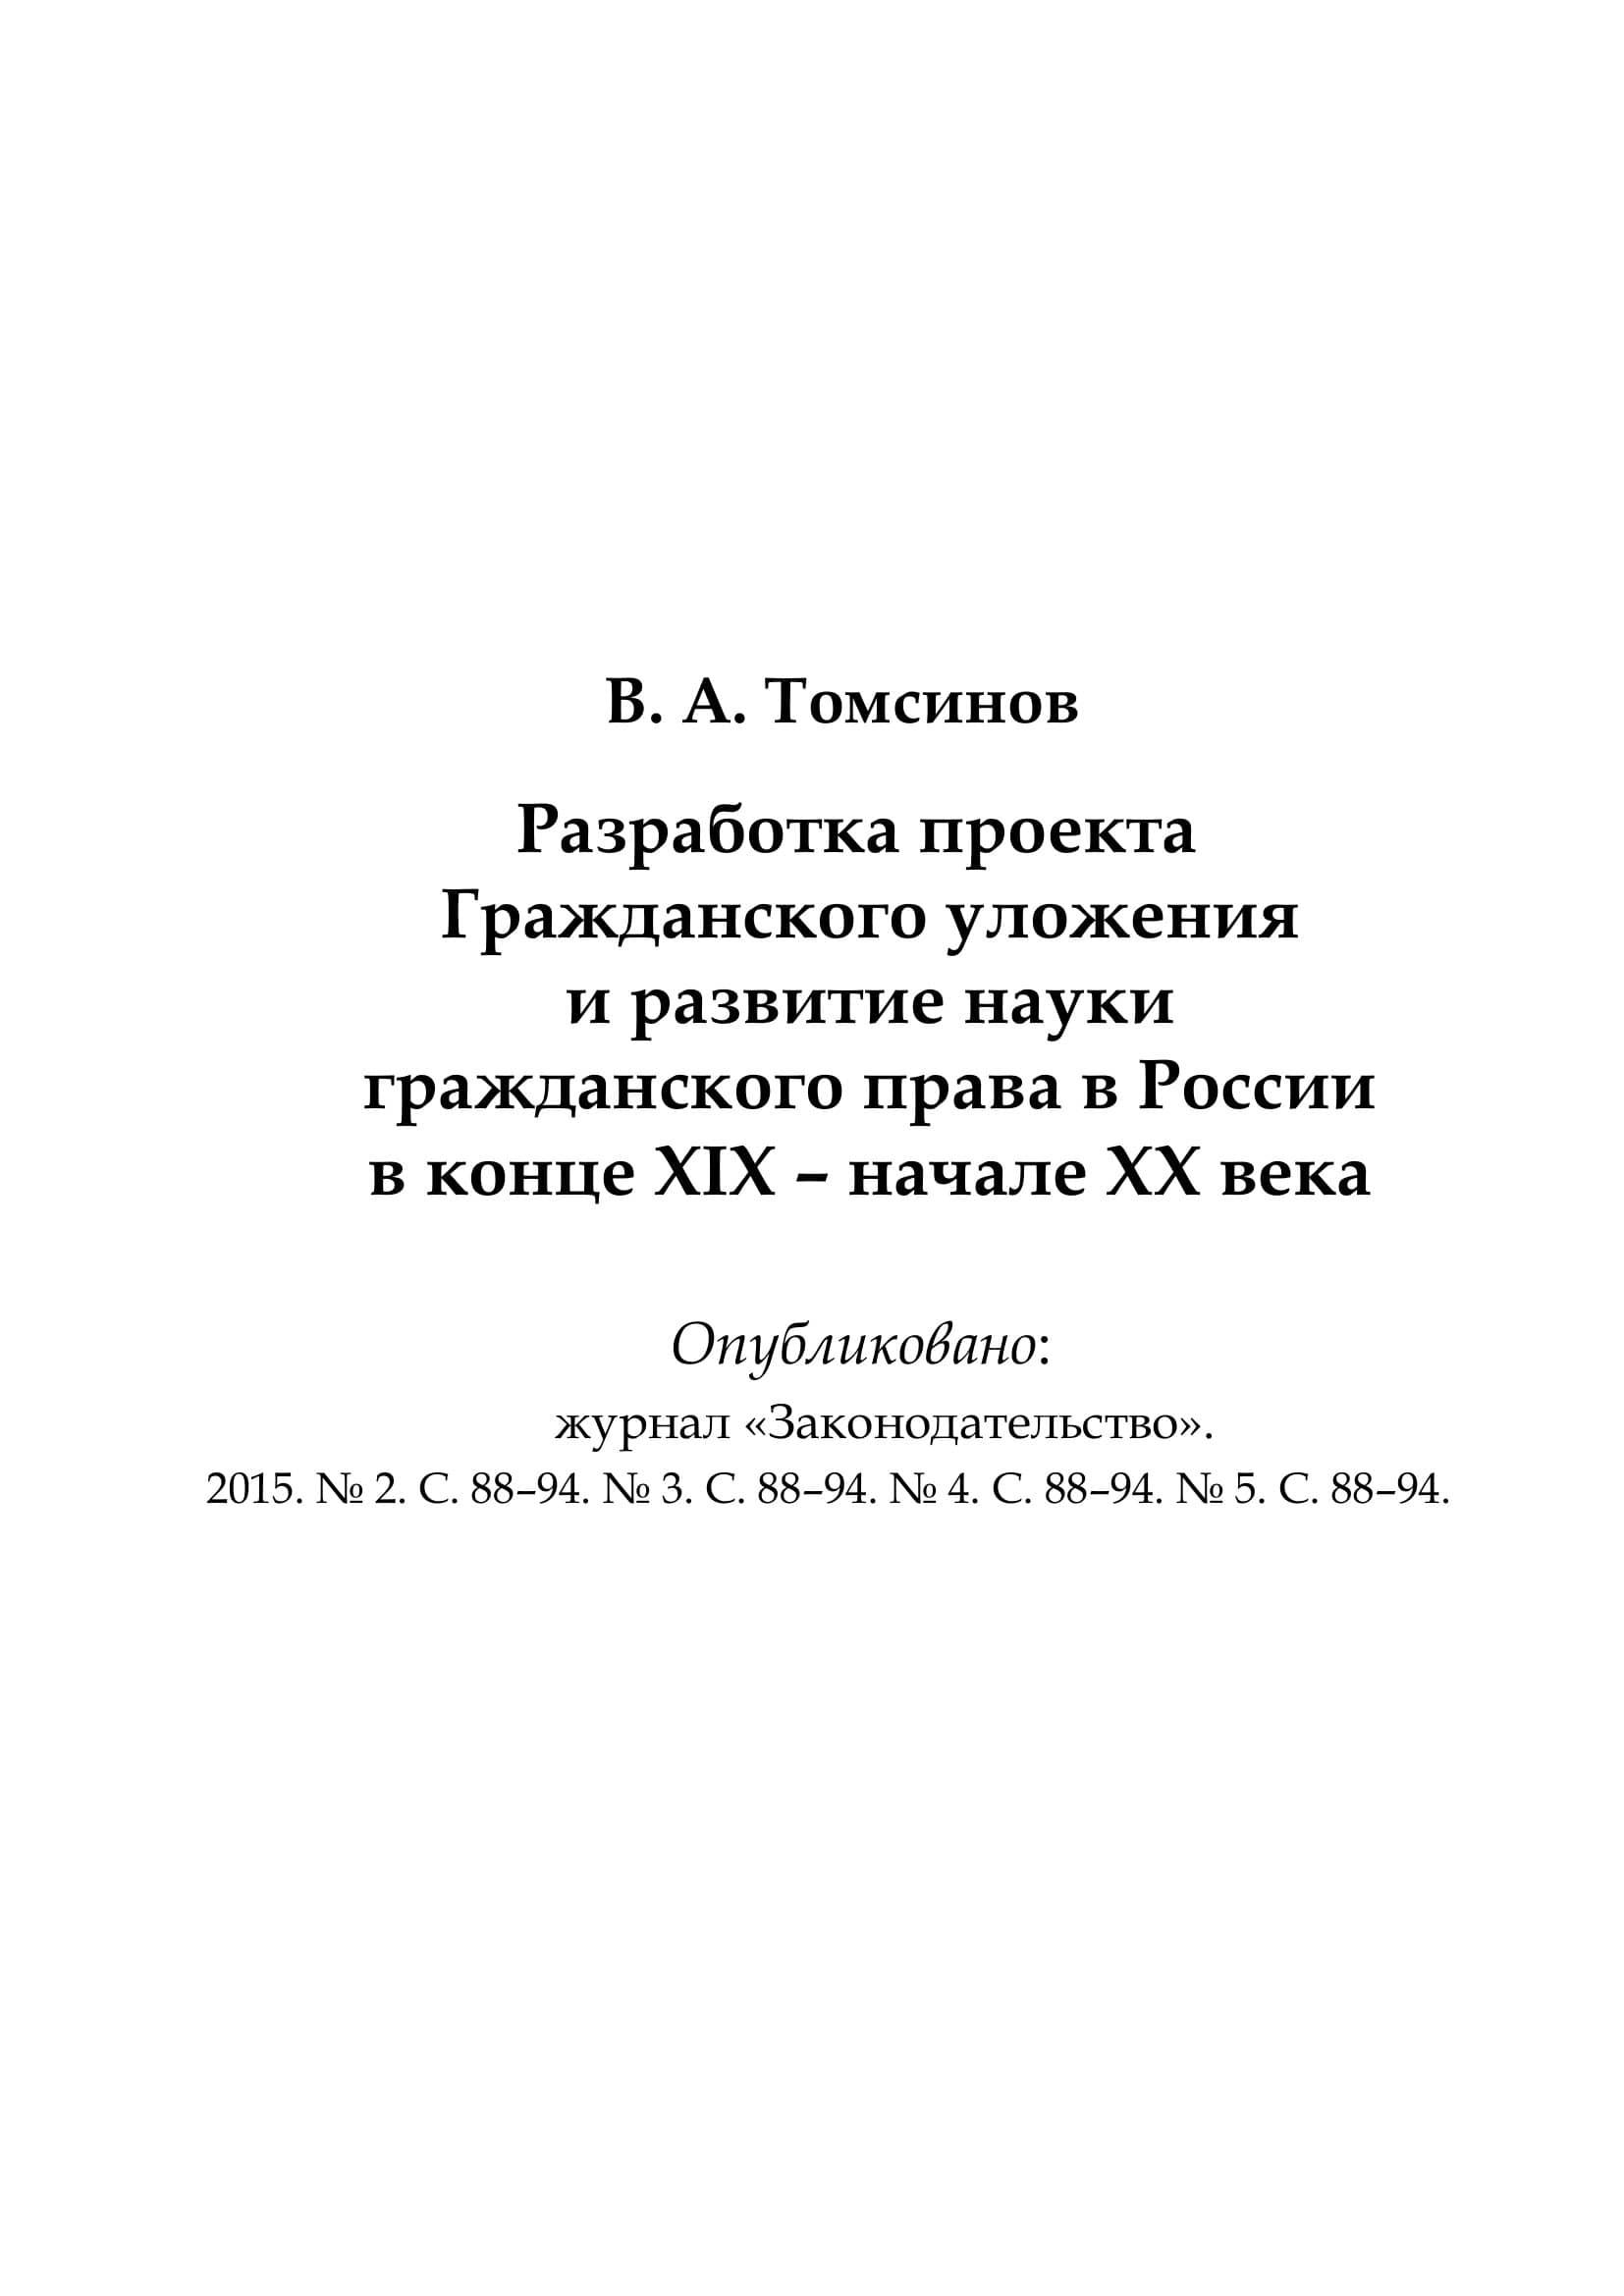 Томсинов В.А. Разработка проекта Гражданского уложения в конце XIX - начале ХХ века